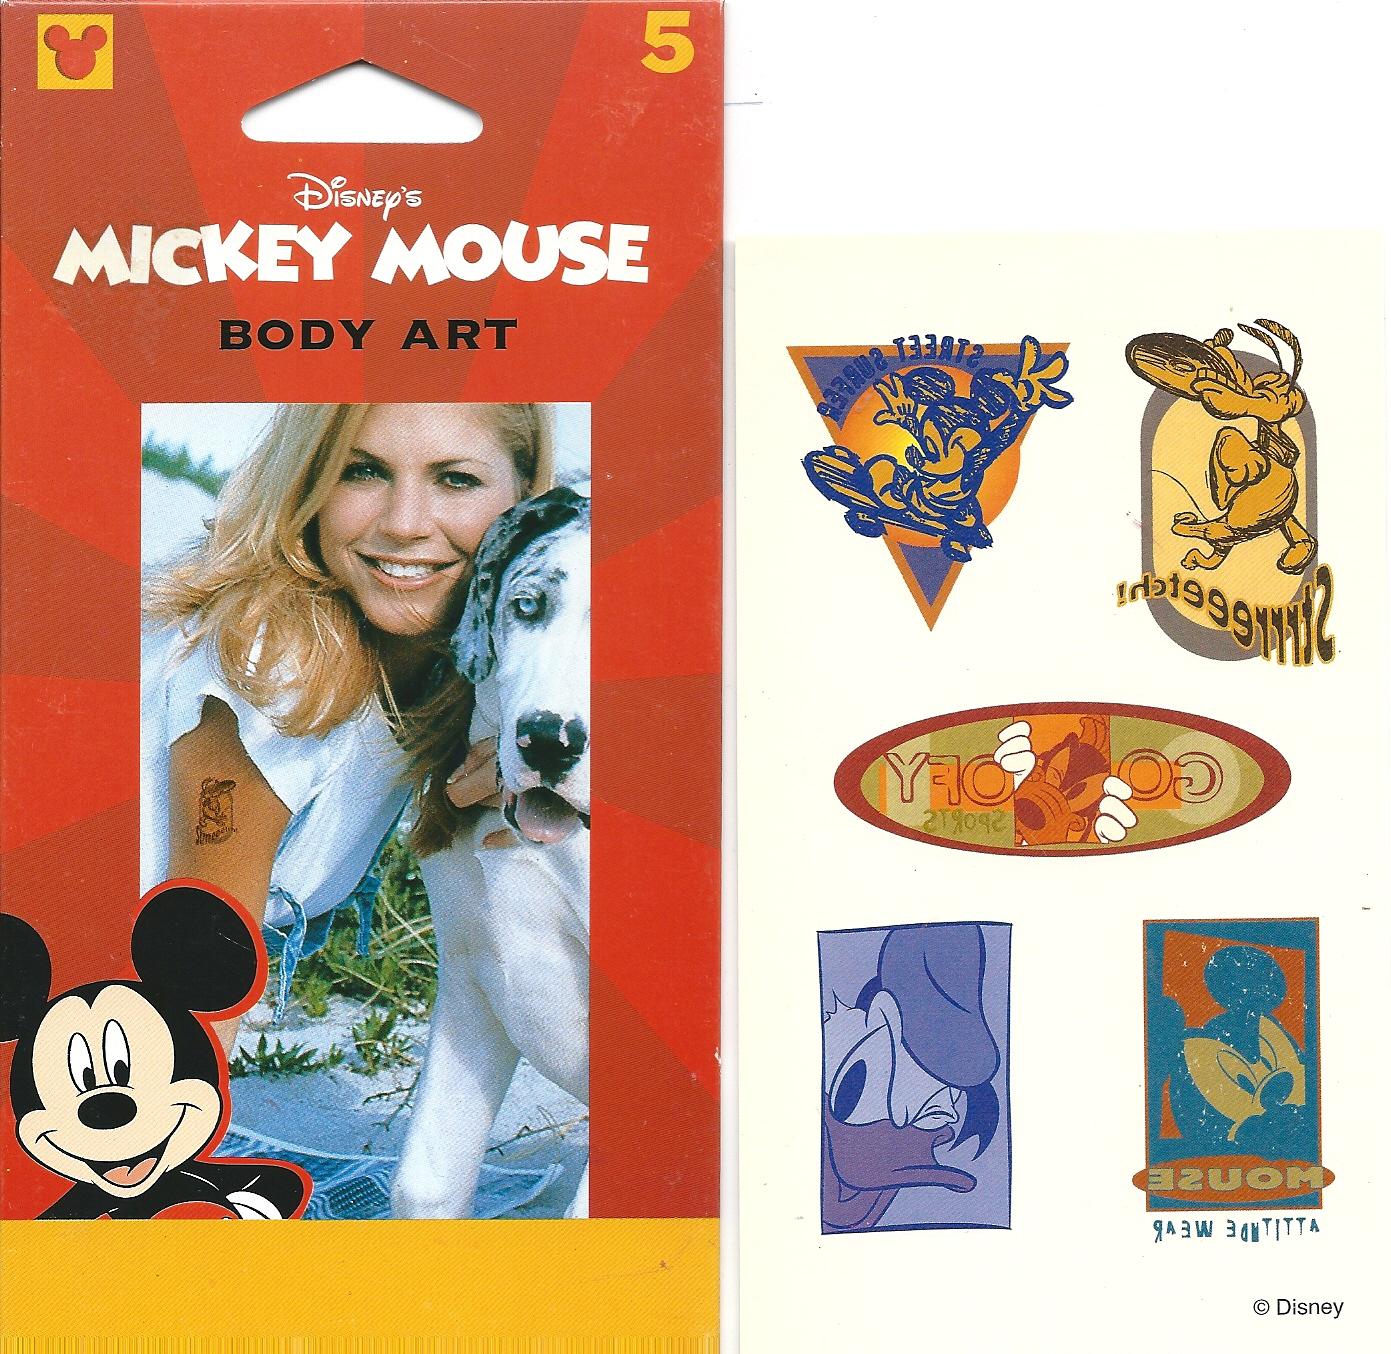 Disney Mickey Donald Goofy Pluto Body Art Temporary Tattoo S